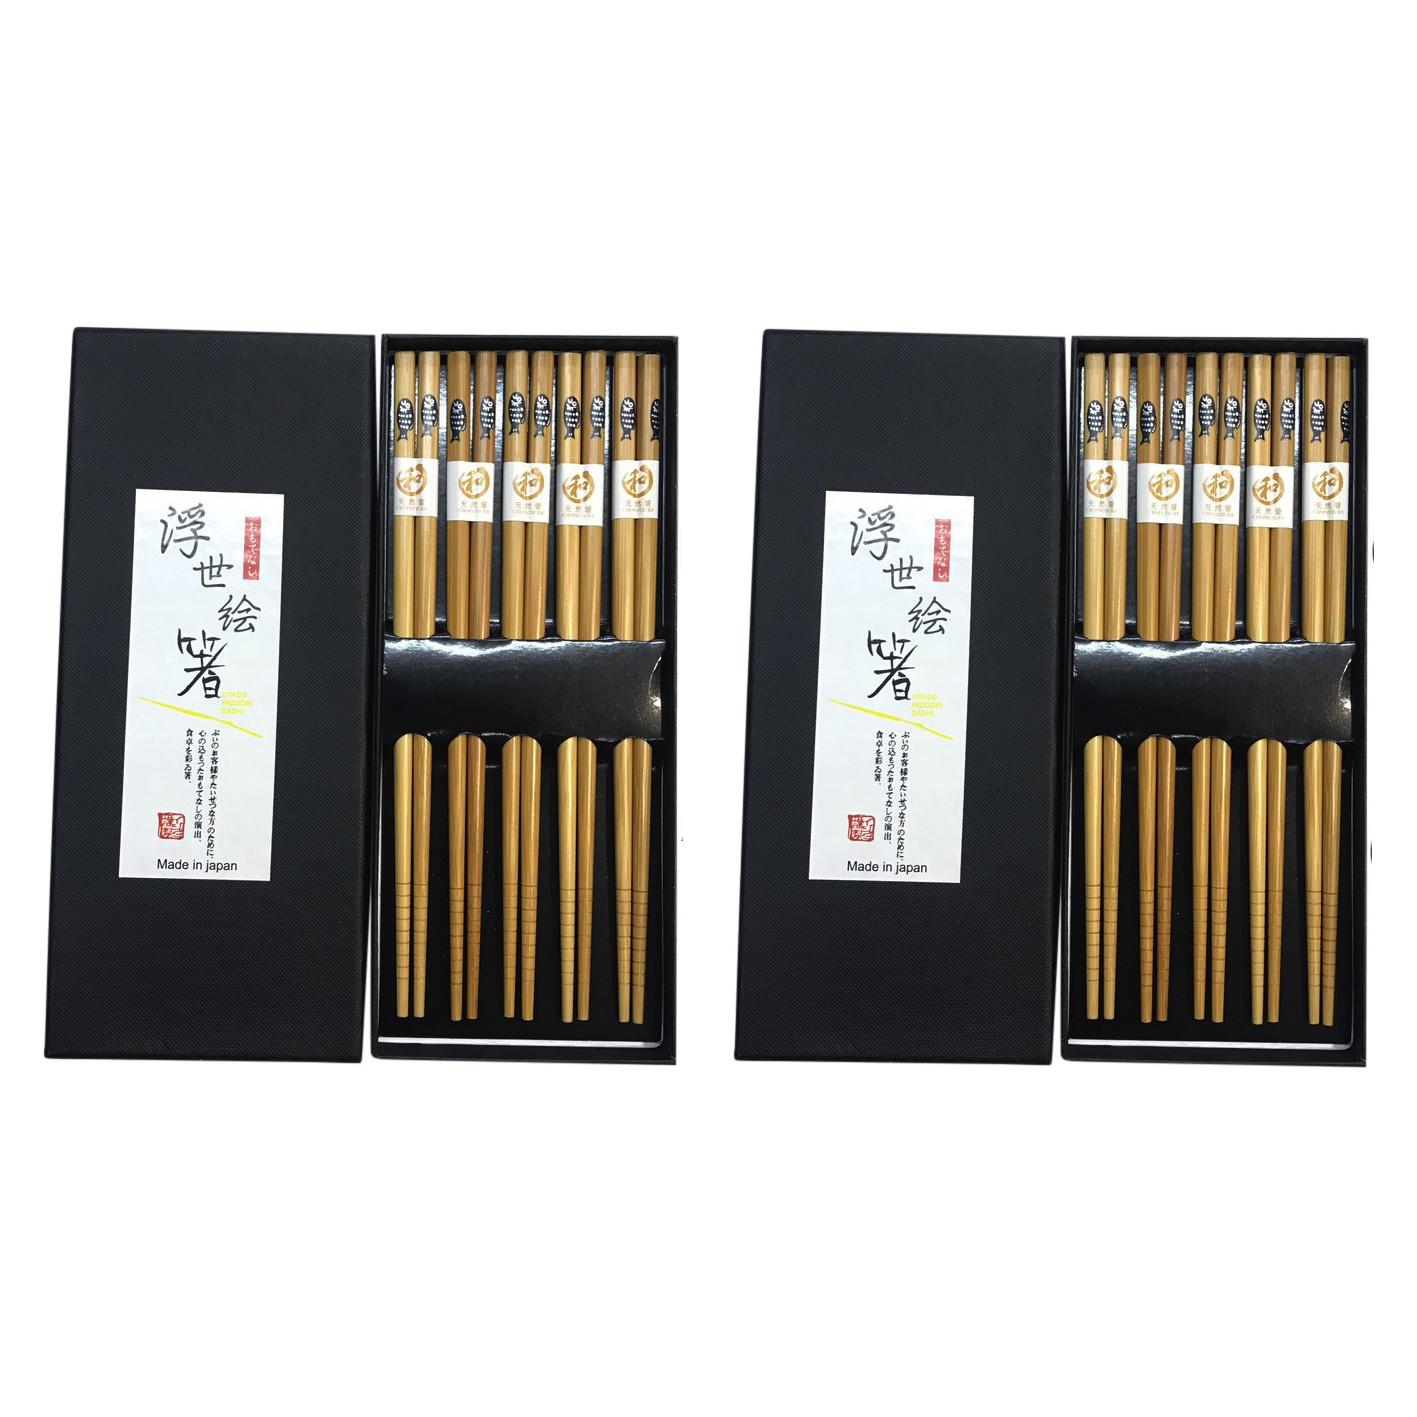 Combo 02 Set đũa tre Tanaka in họa tiết hoa văn tinh xảo - Nội địa Nhật Bản (Set 05 đôi)